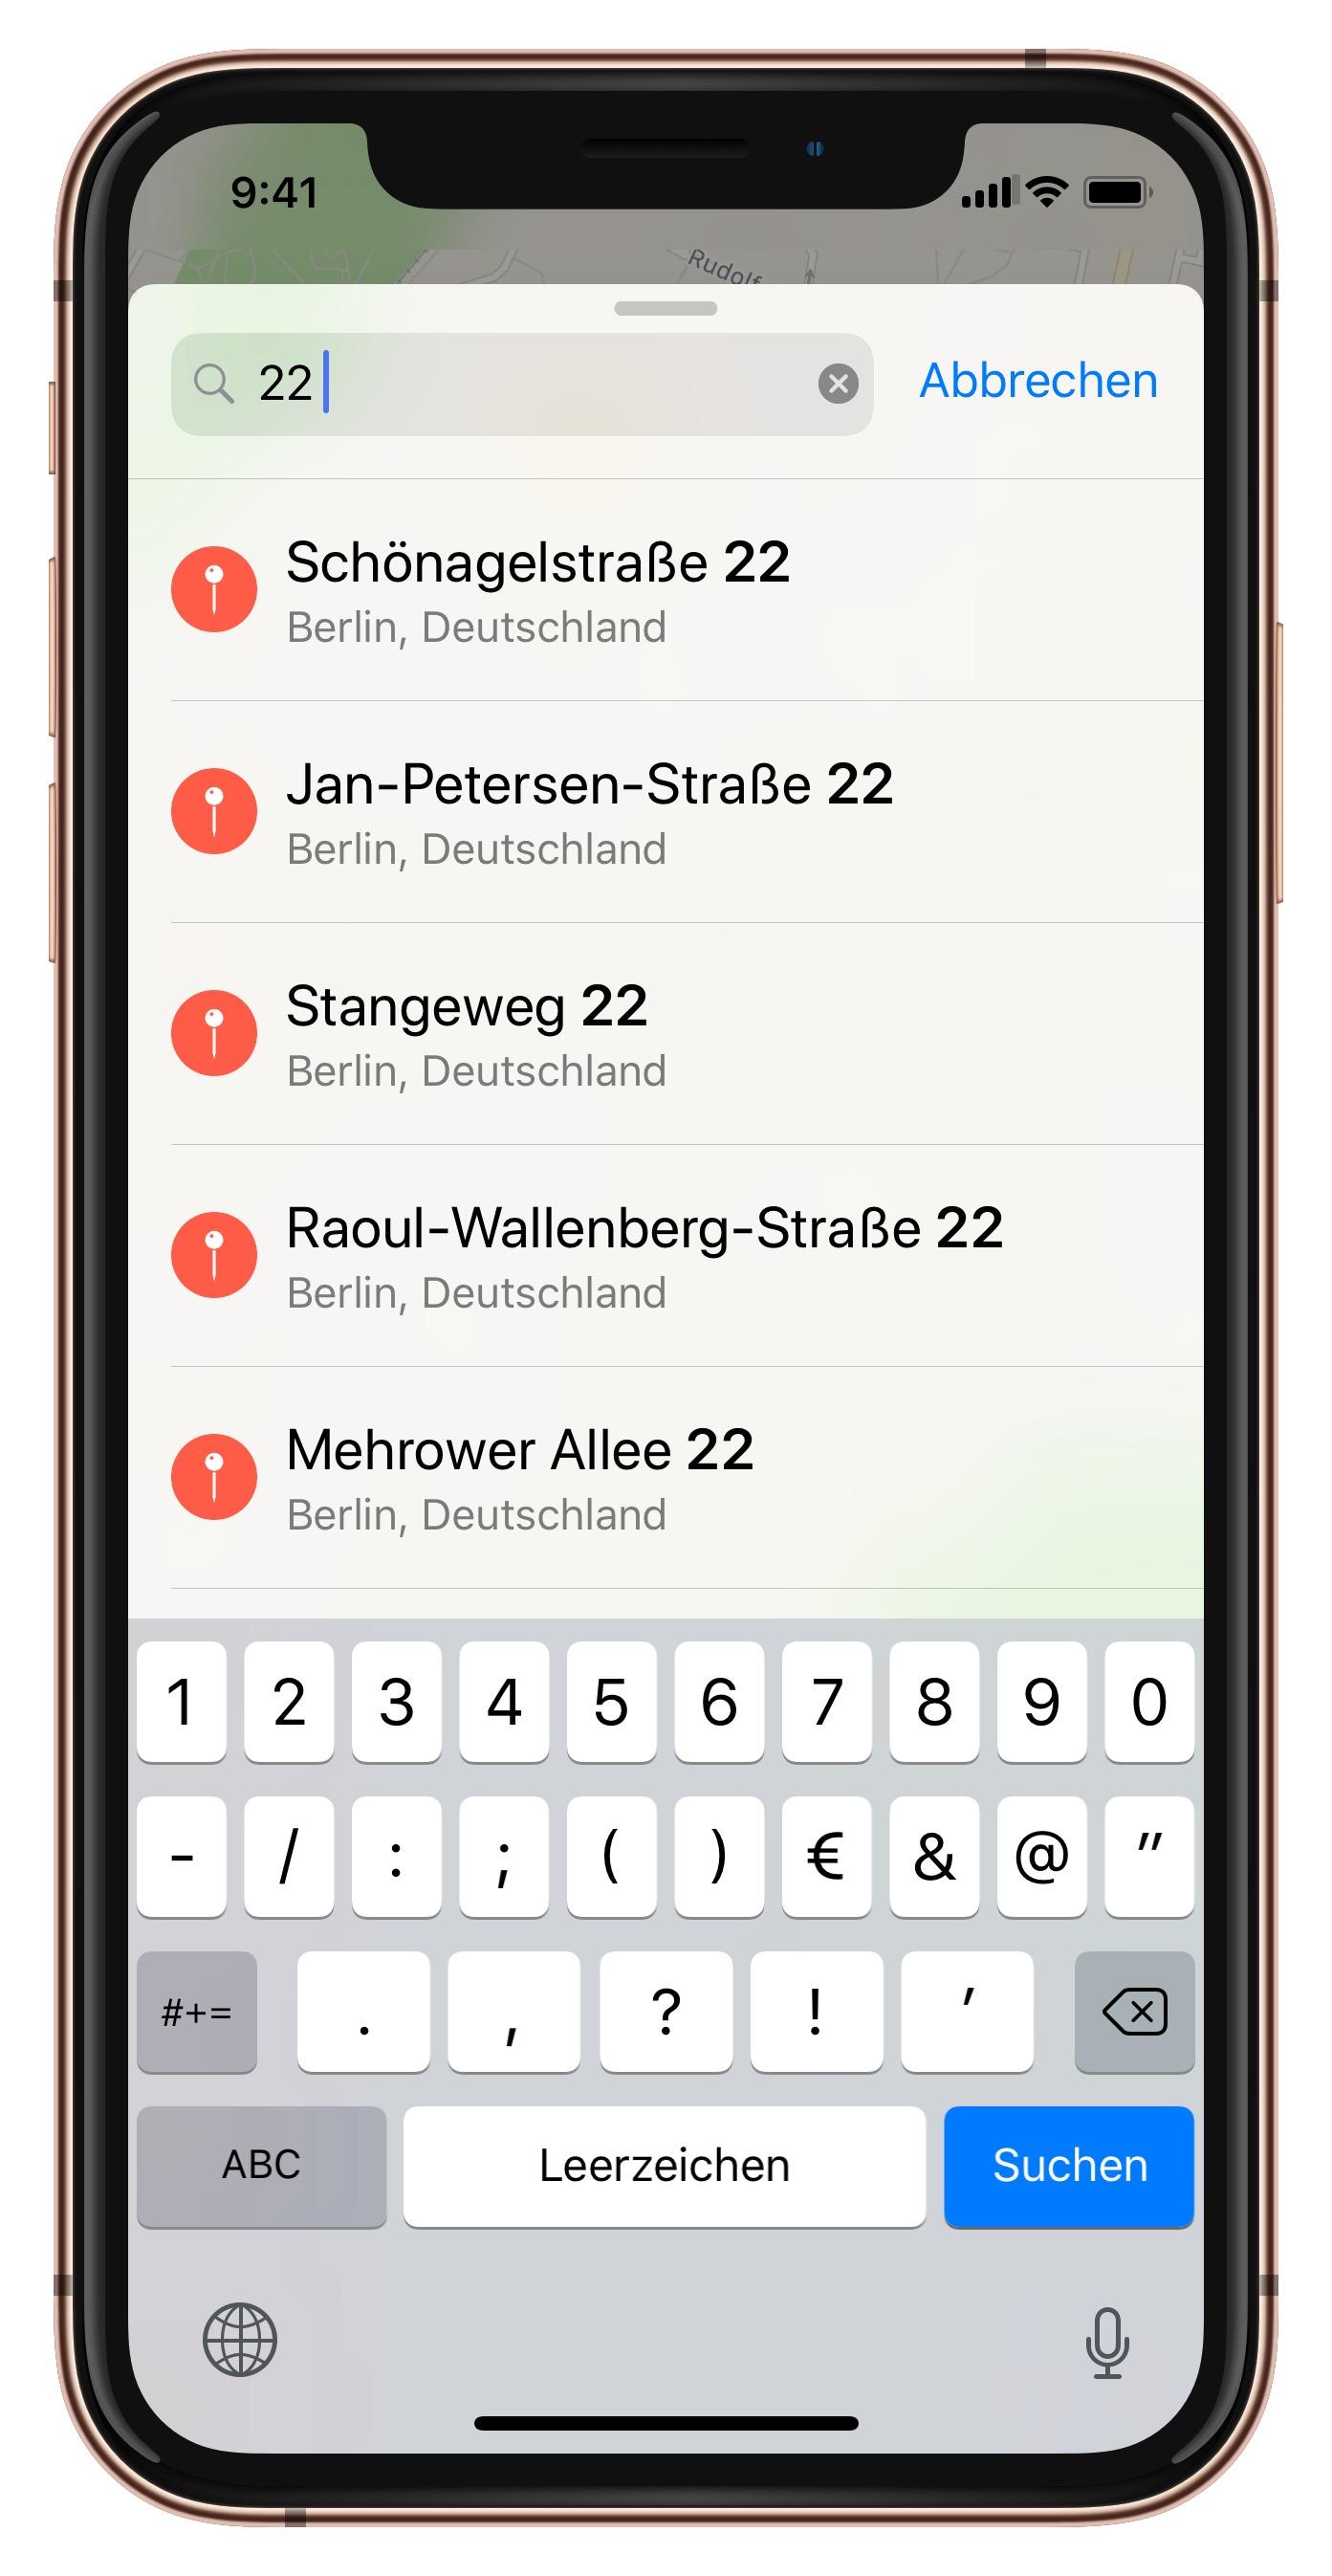 Karte Mit Hausnummern.Apple Karten Die Hausnummer Zuerst Eingeben Iphone Ticker De